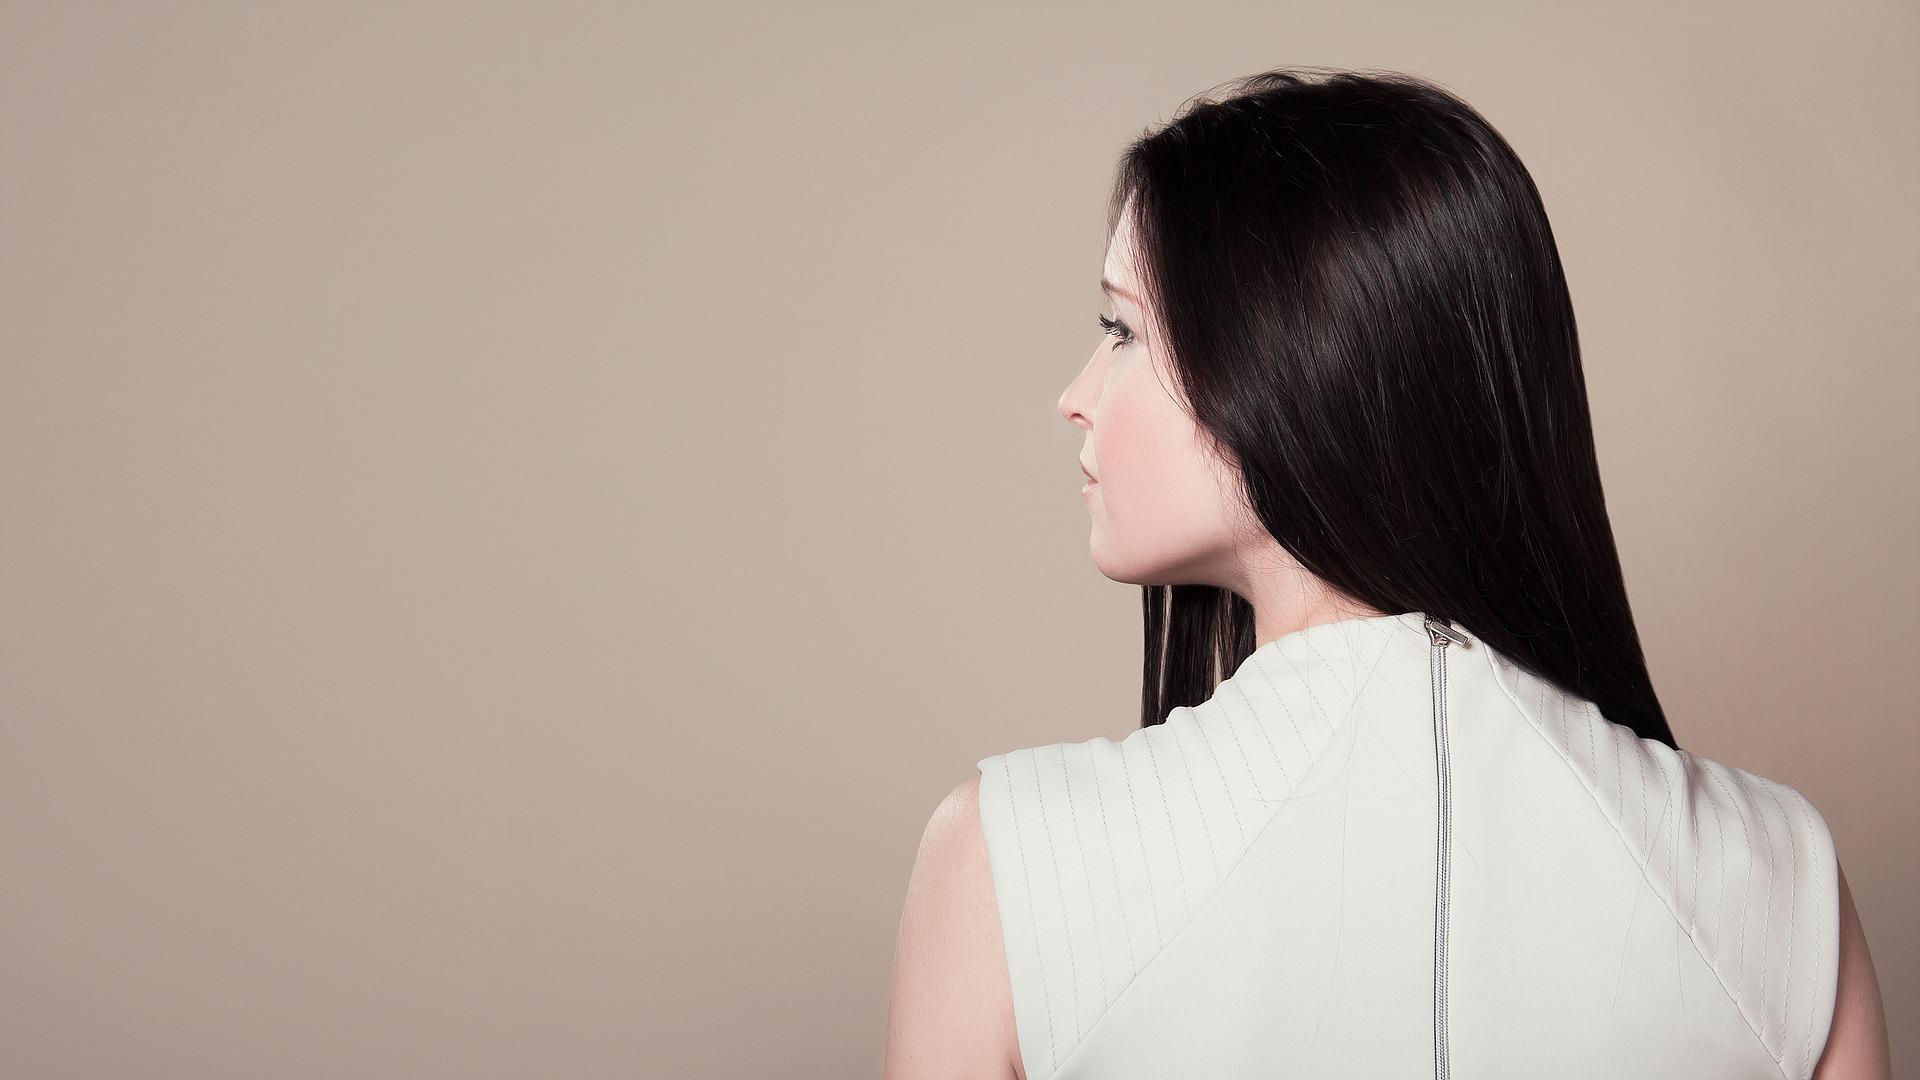 Savjeti za azijske žene